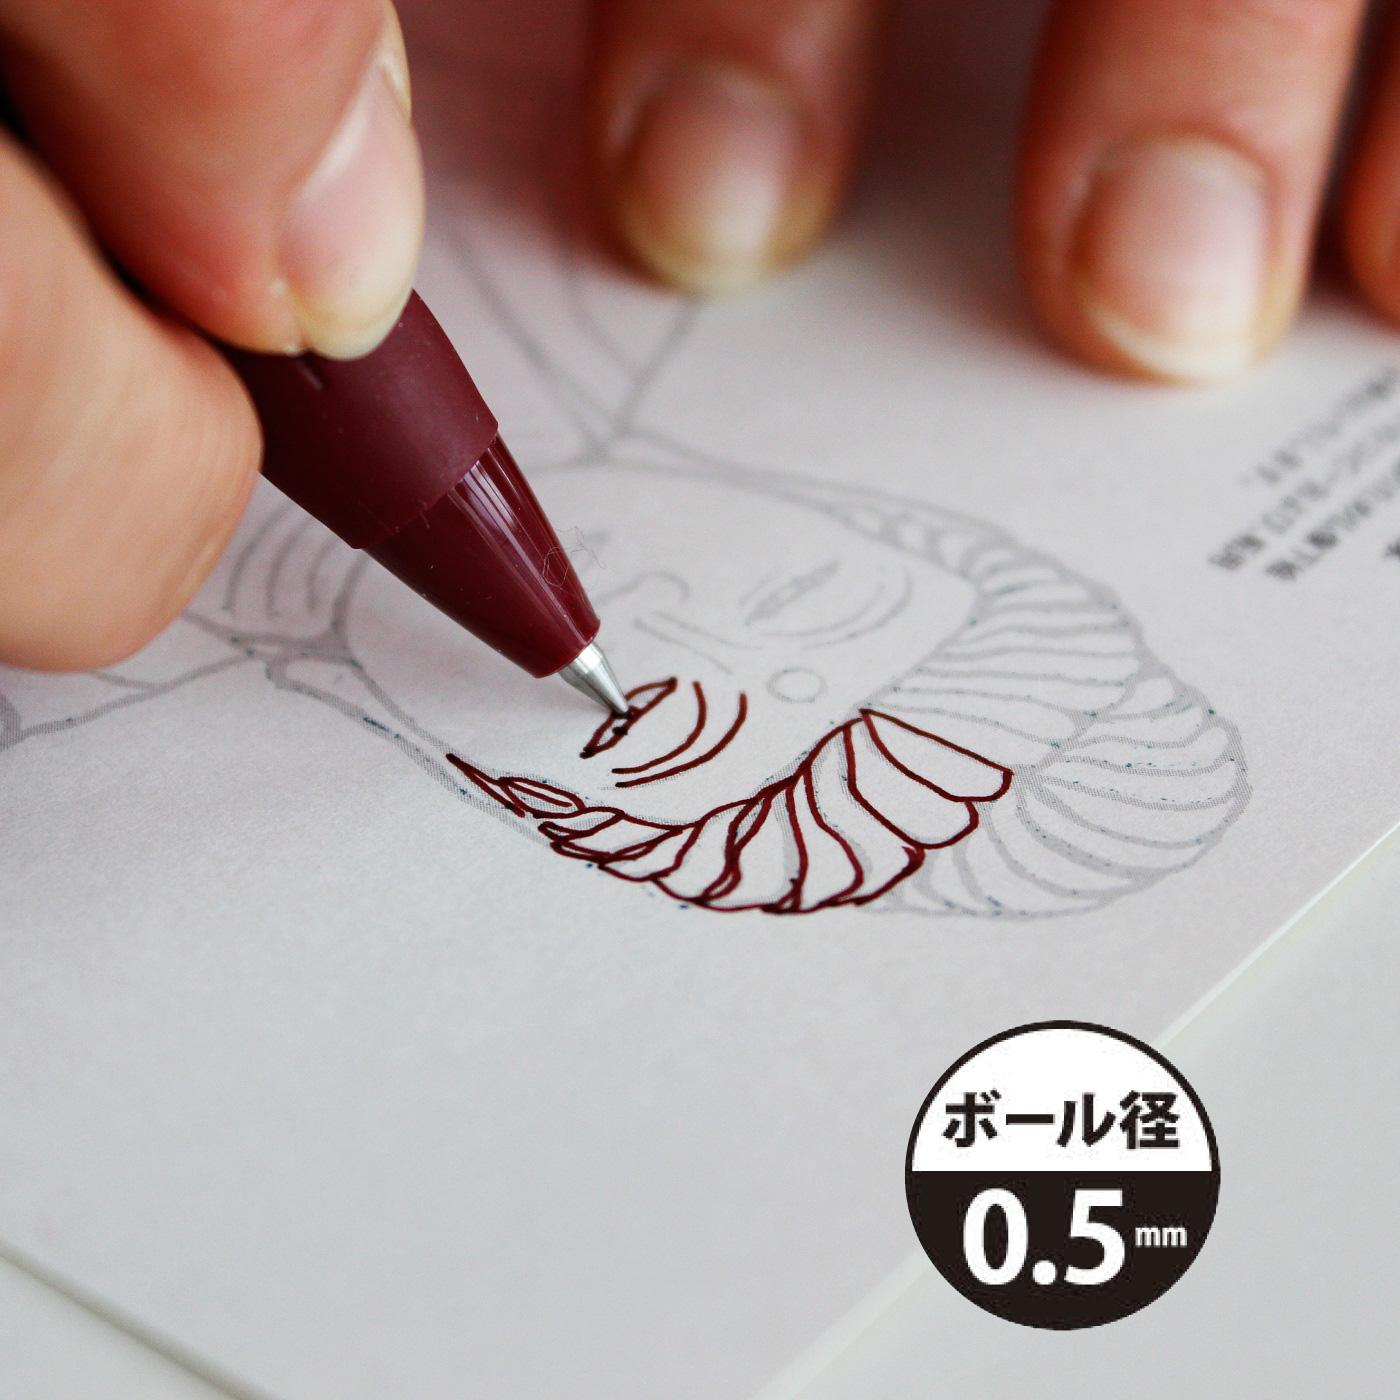 0.5mmタイプは、細かい線もスムーズに書けます。